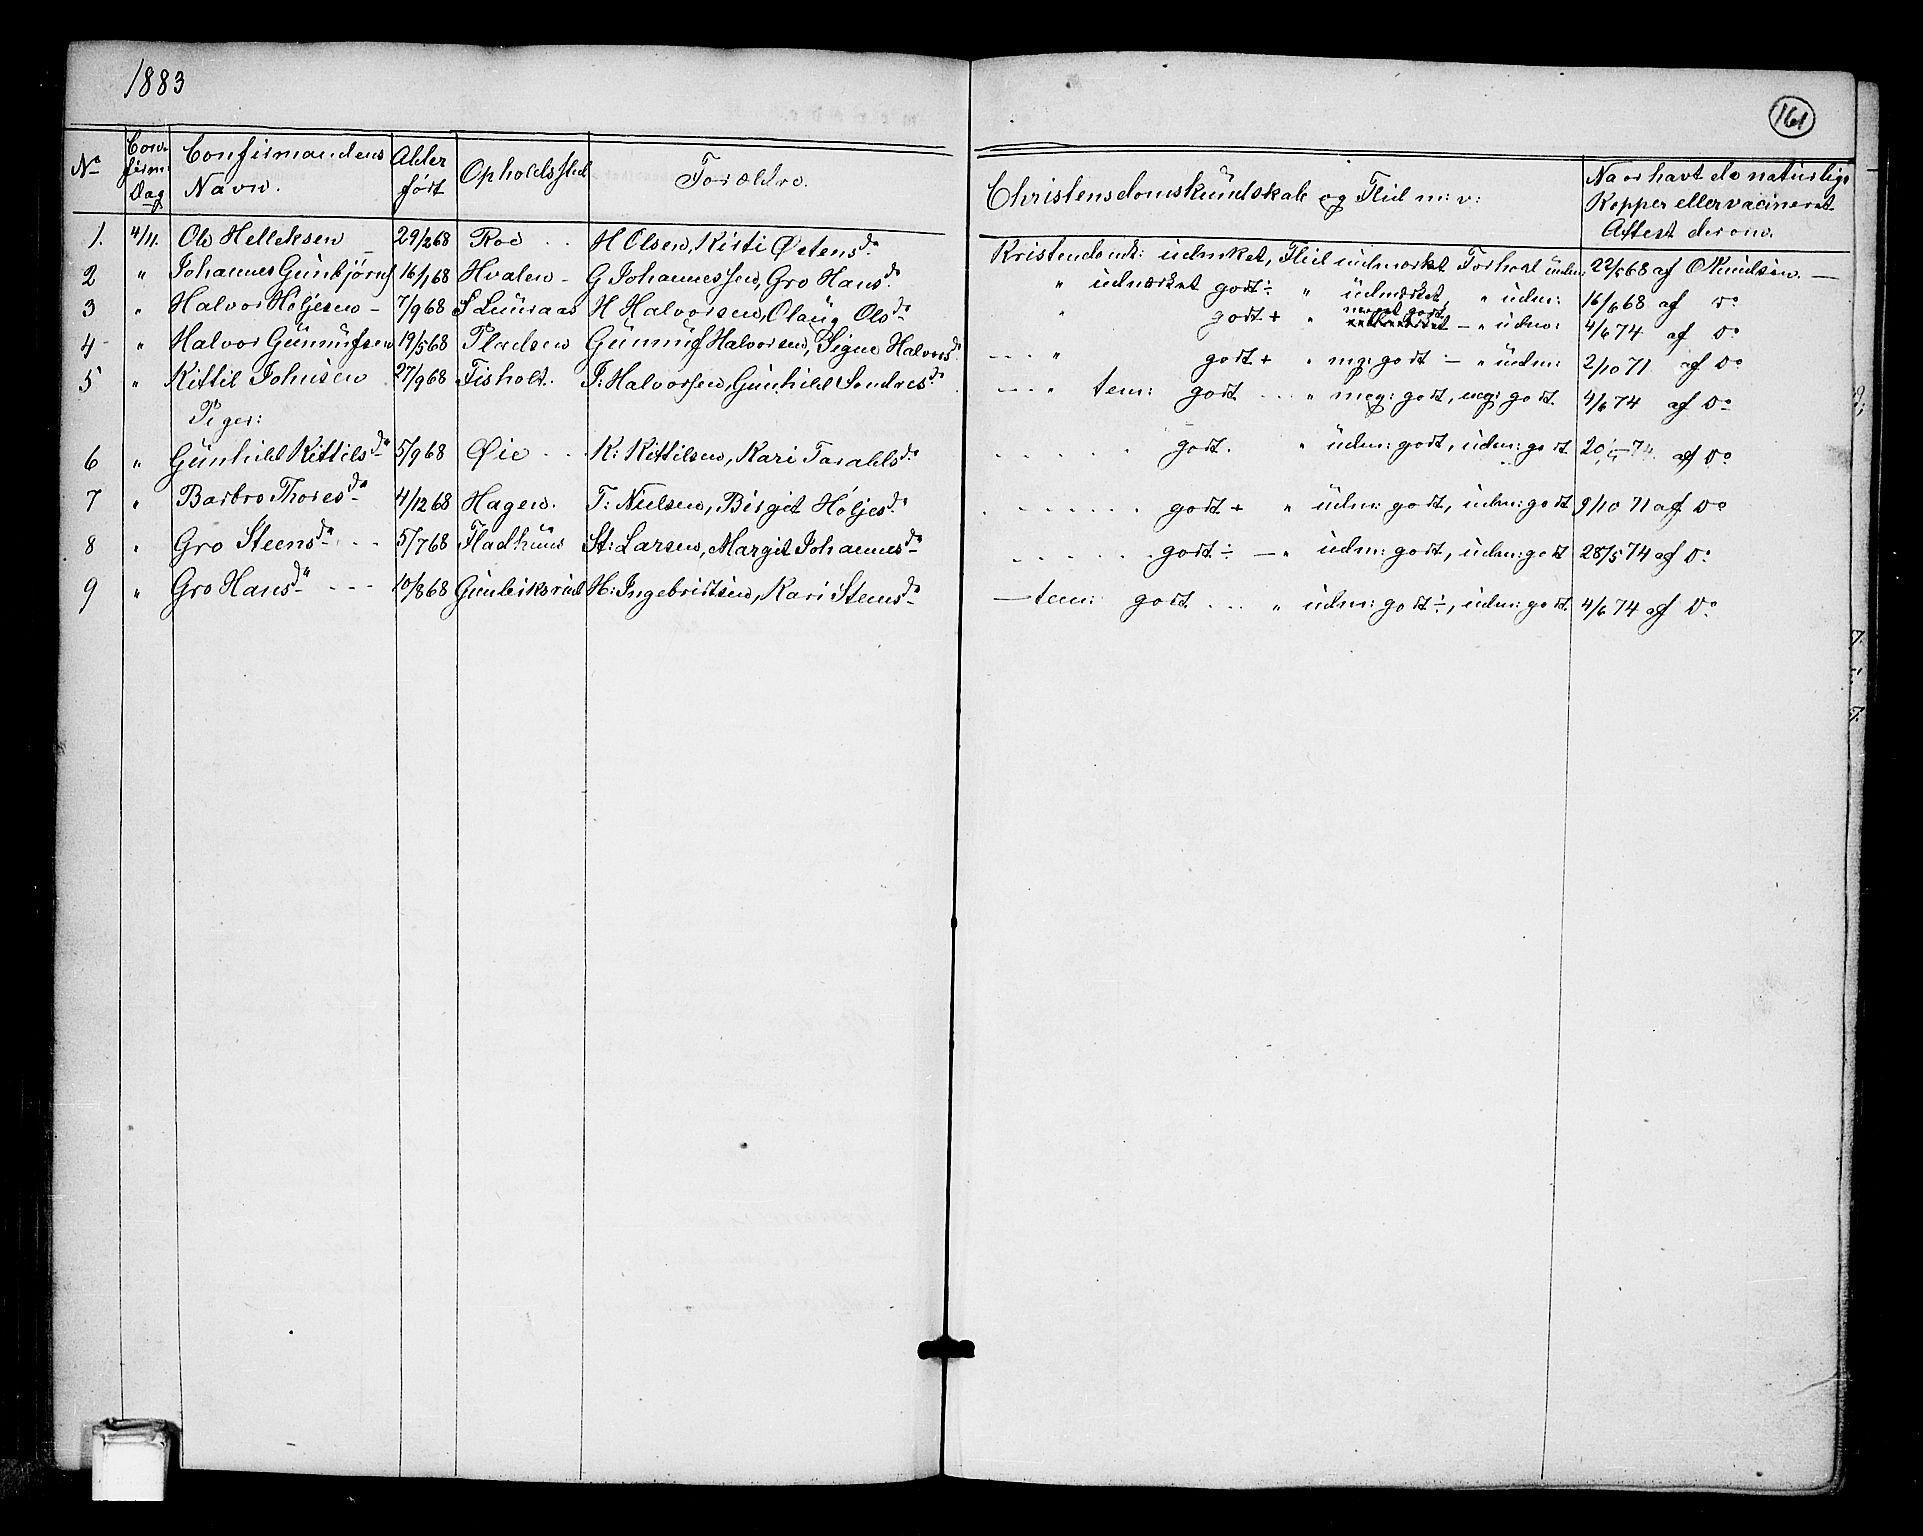 SAKO, Tinn kirkebøker, G/Ga/L0002: Klokkerbok nr. I 2, 1851-1883, s. 161